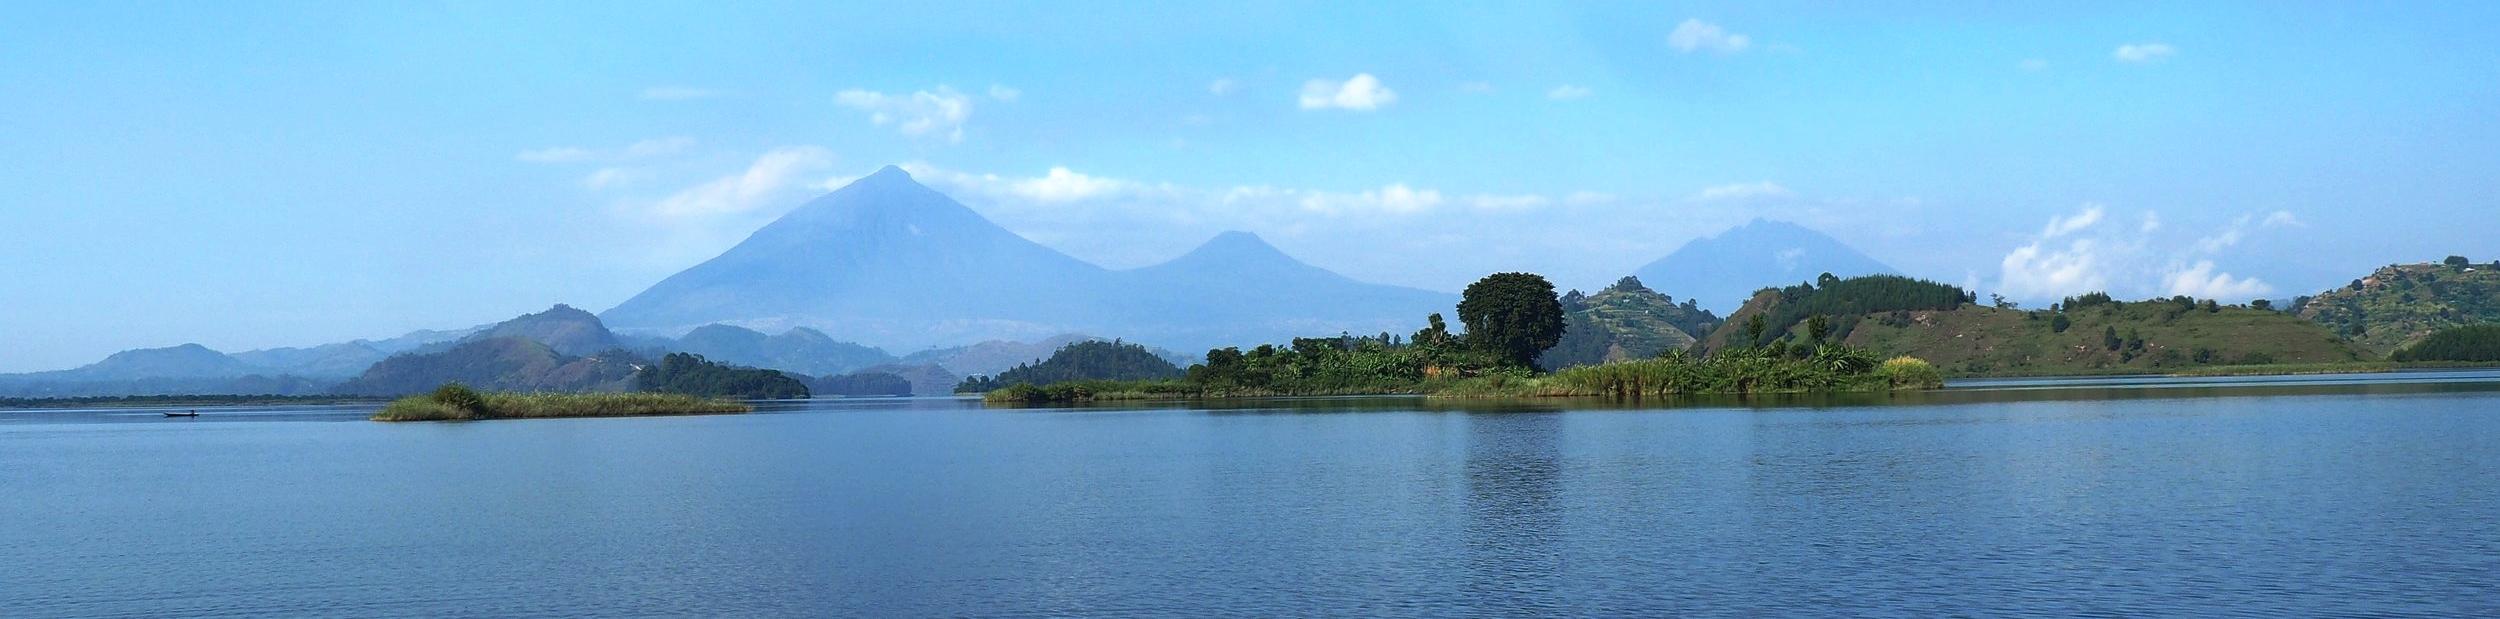 Virunga volcano mountain view from Mutanda Lake Resort